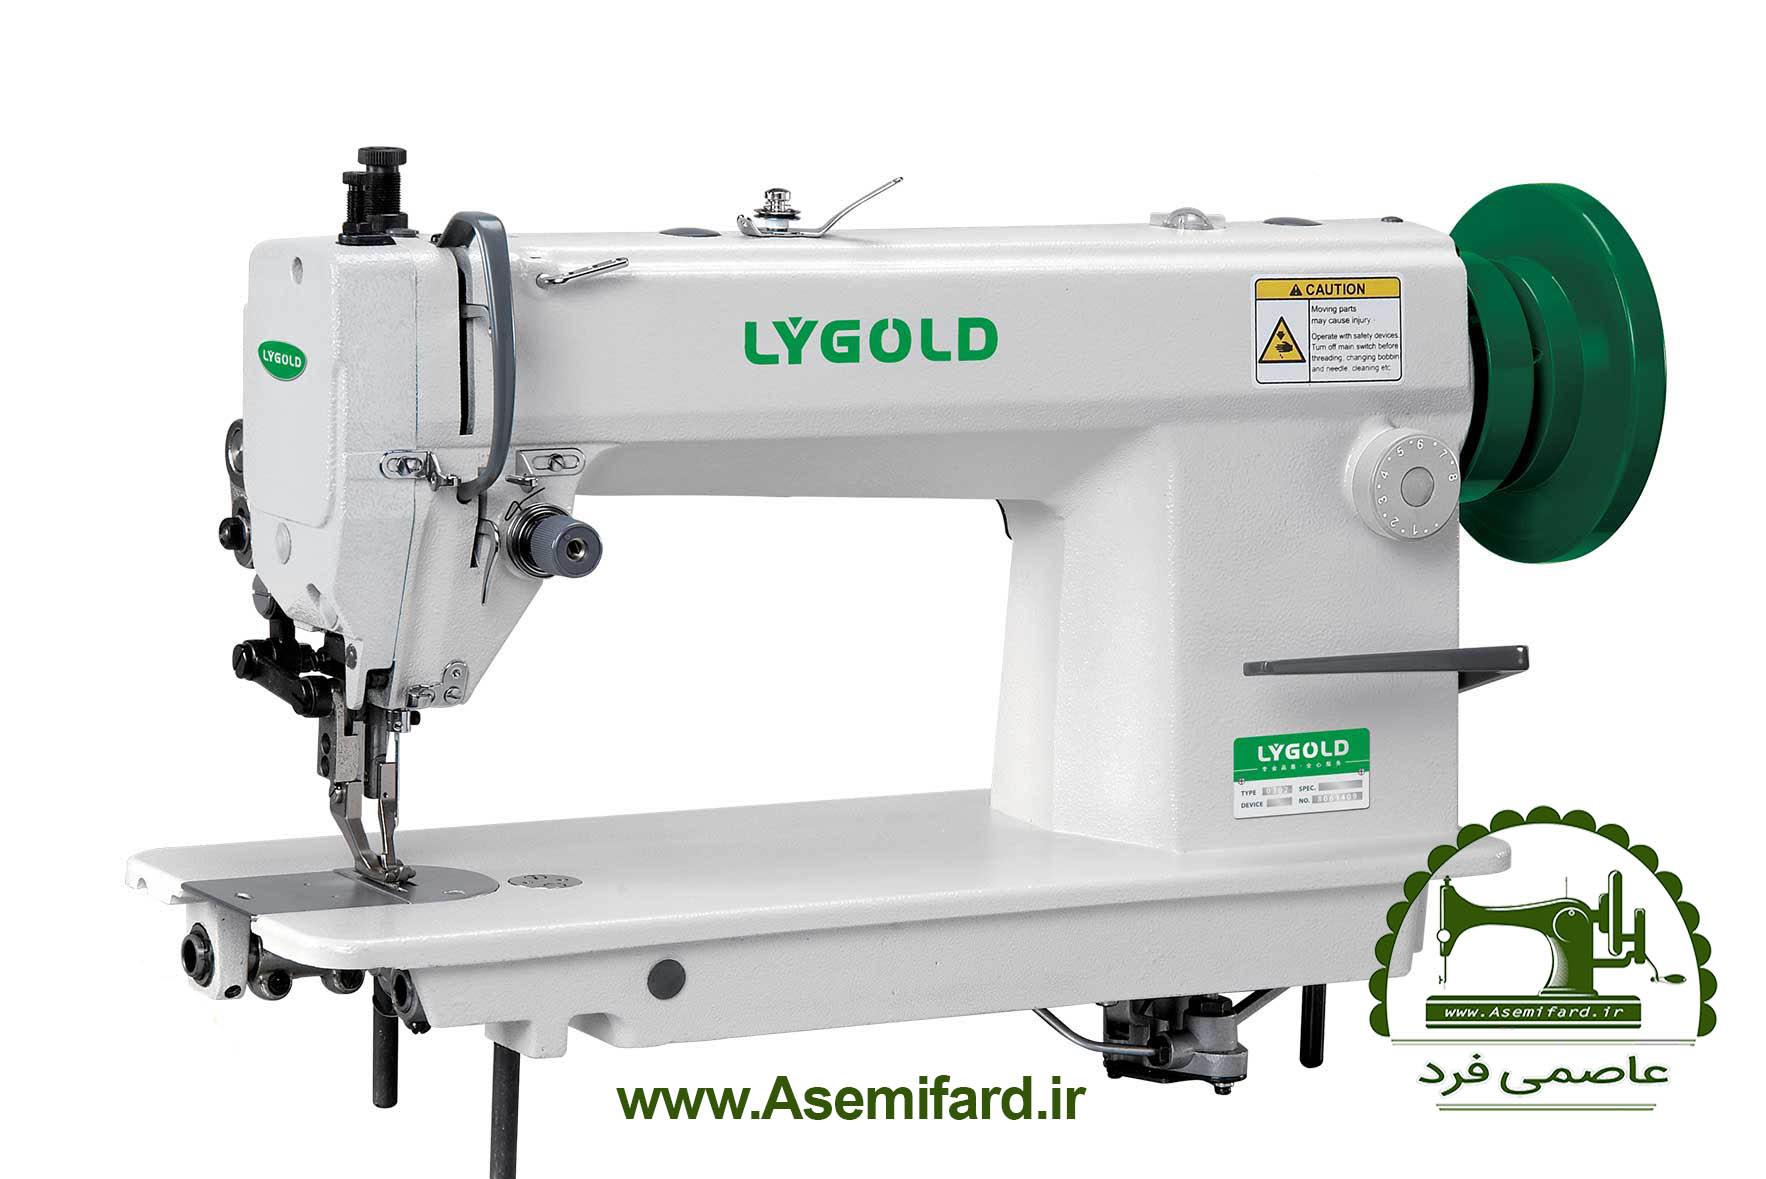 راسته دوز صنعتی لیگلد LG-303